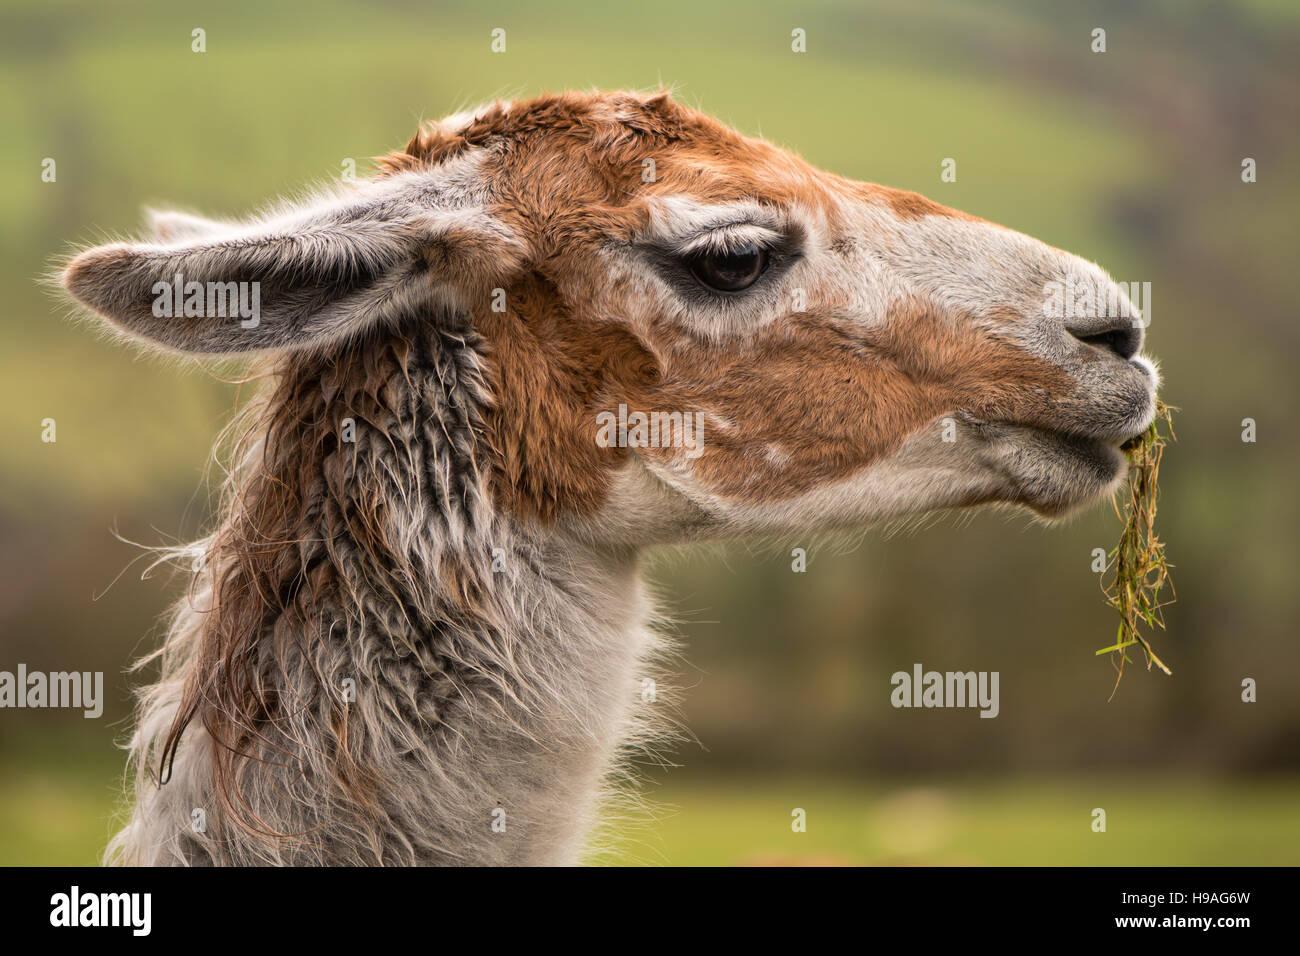 Cabeza de llama con hierba colgando de la boca. Marrón y blanco de camélidos en el perfil de masticar Imagen De Stock